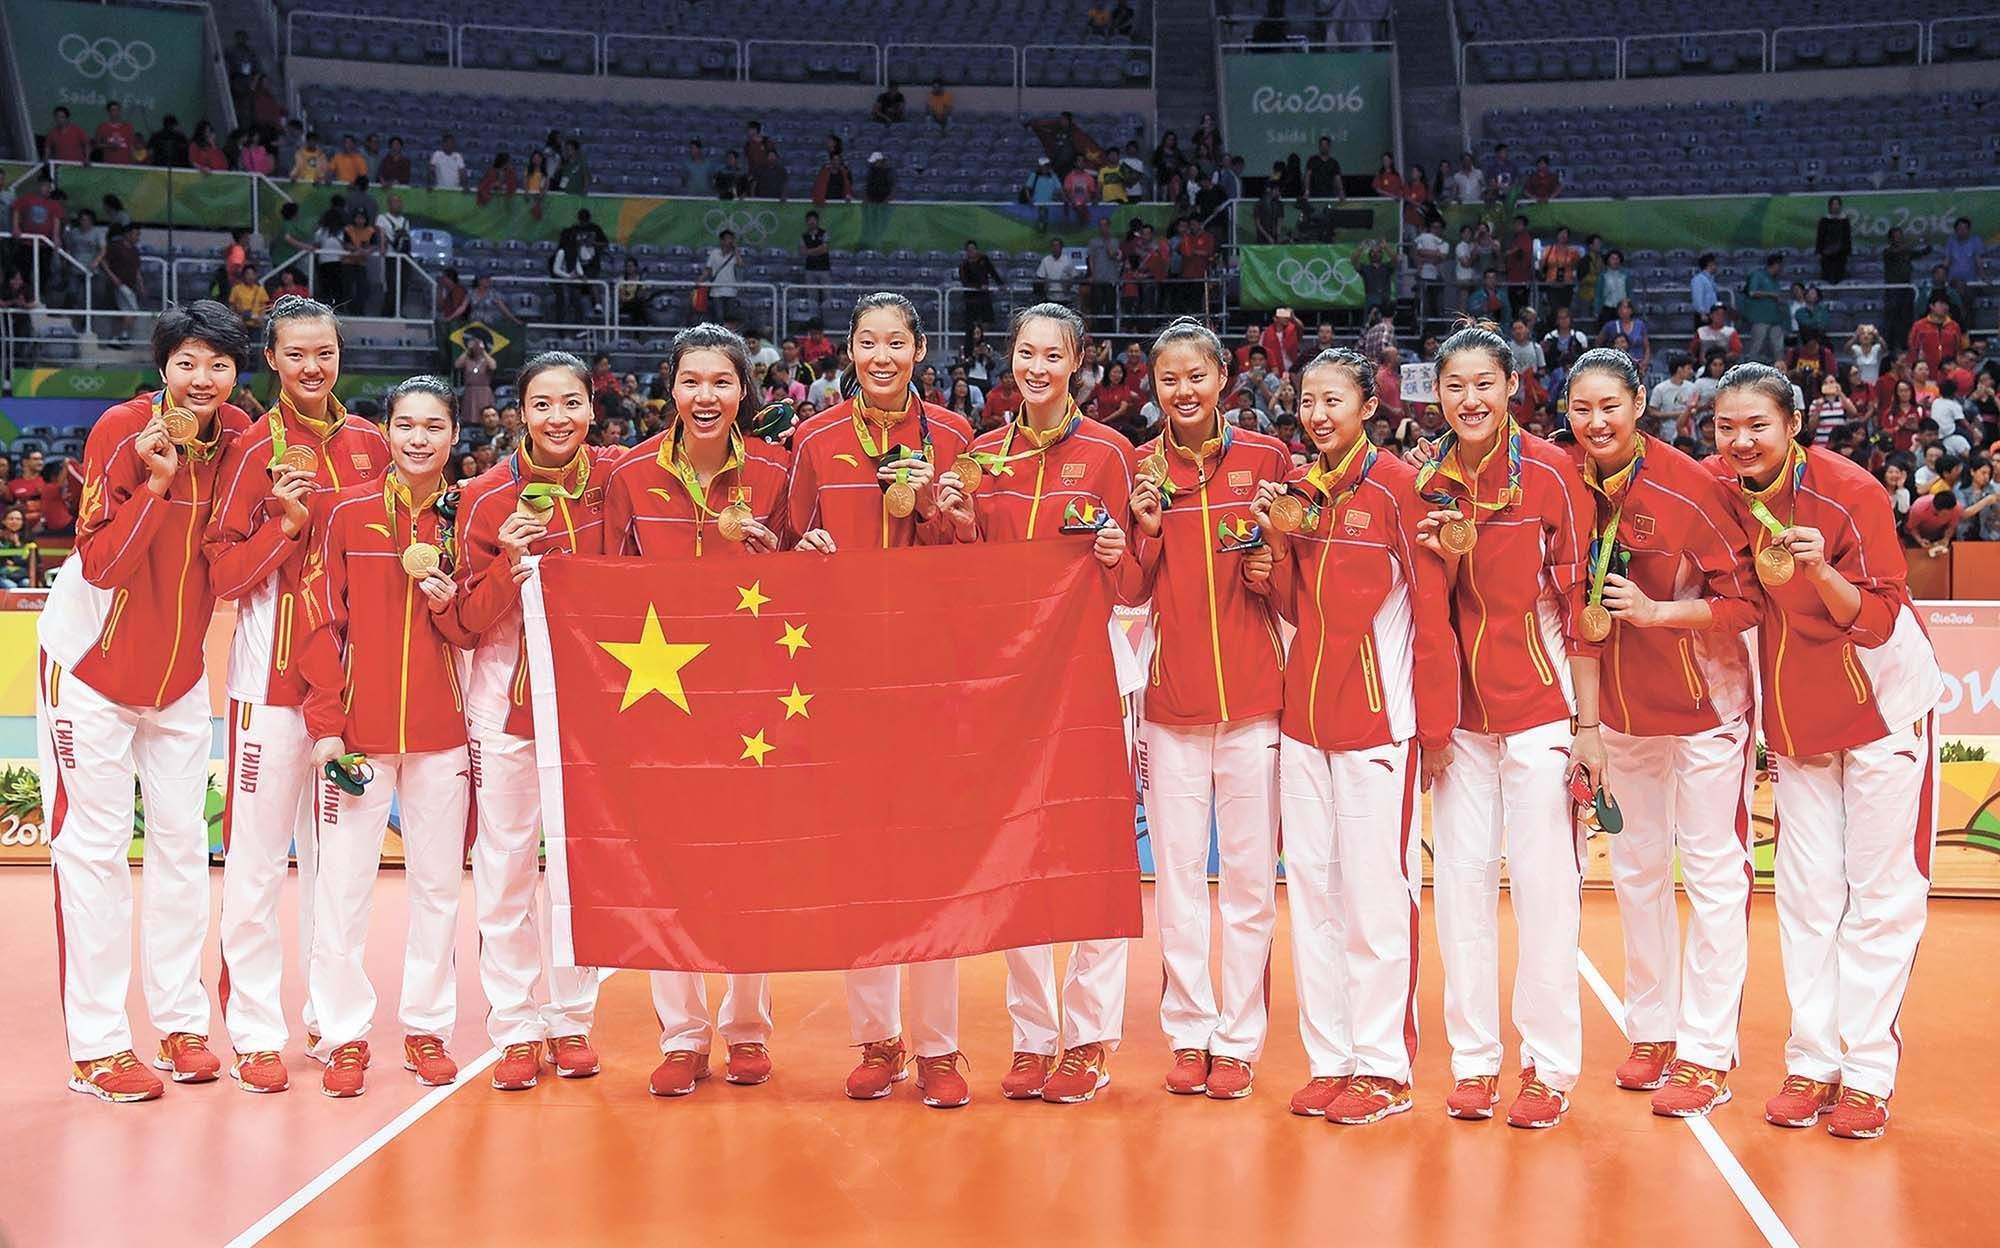 2018女排世锦赛最终分组 硬签出成绩 相信中国女排!